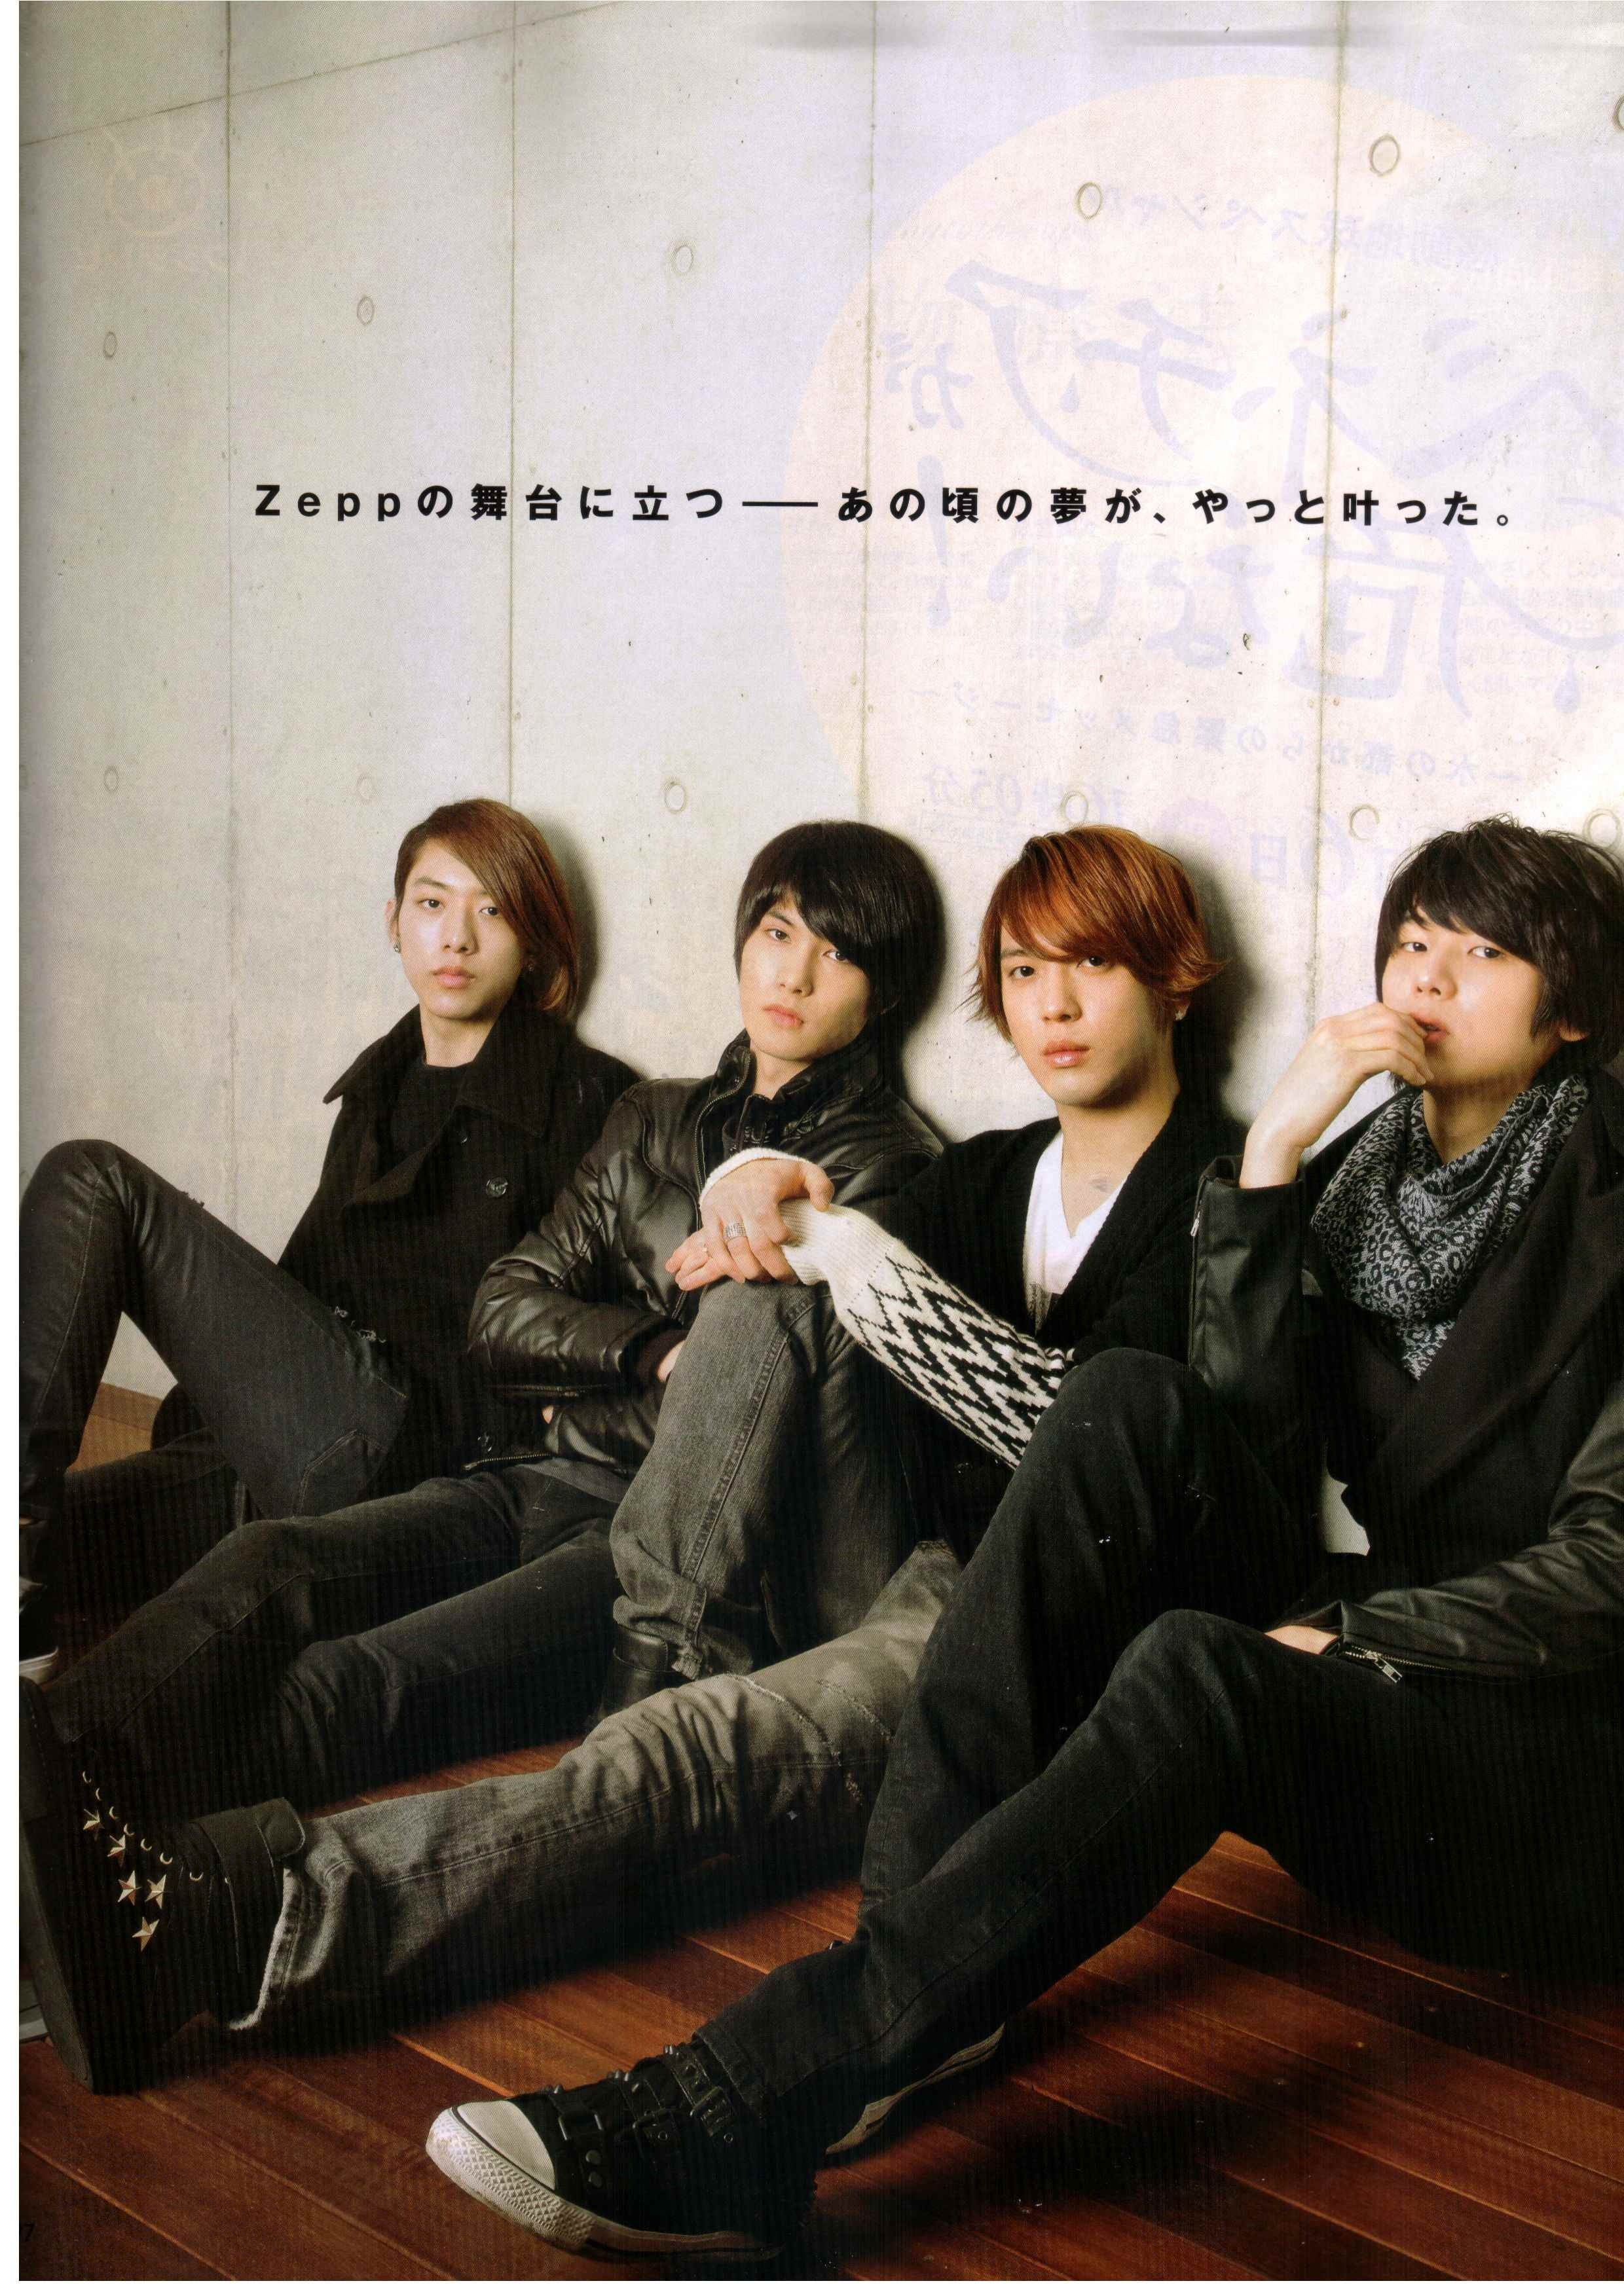 perfect 4 member band